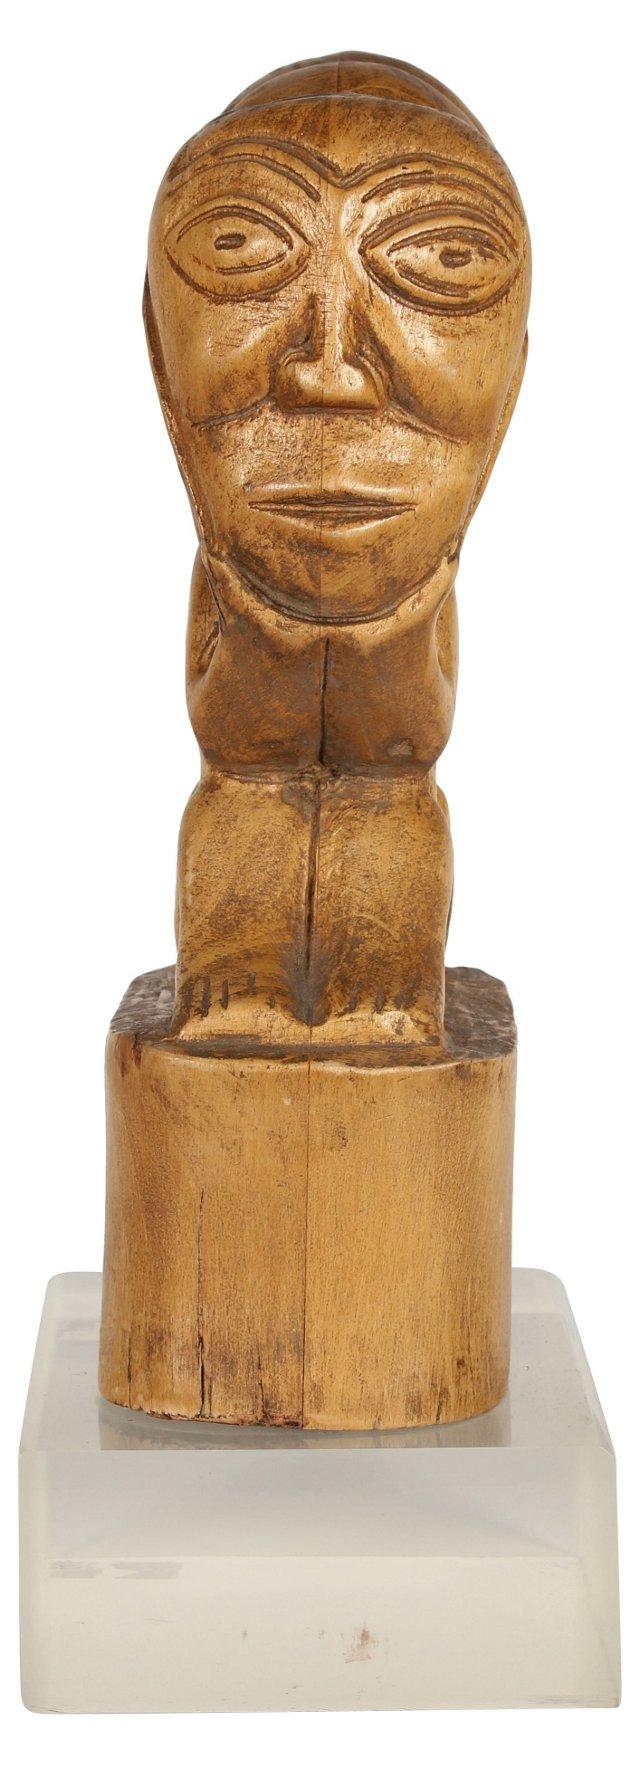 Midcentury African Marriage Sculpture